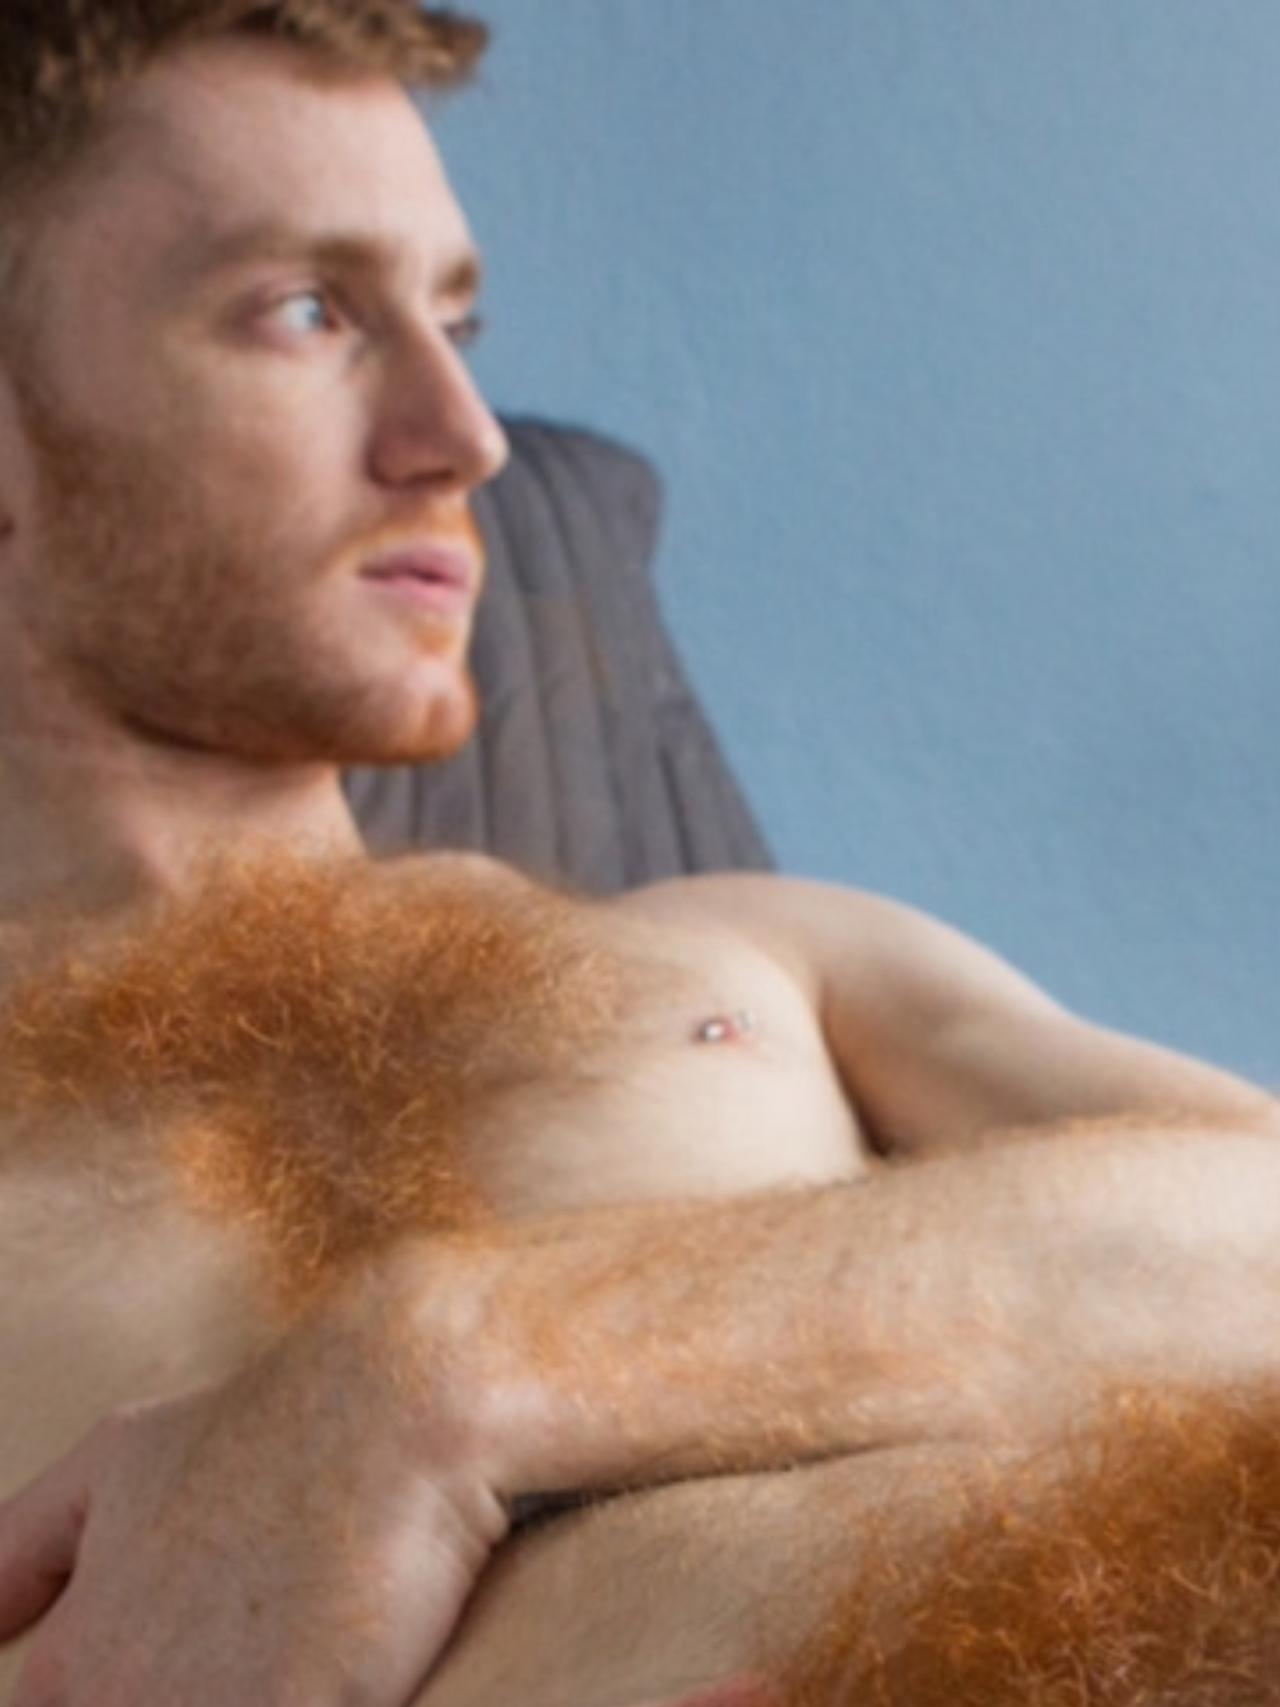 redhead-boys-self